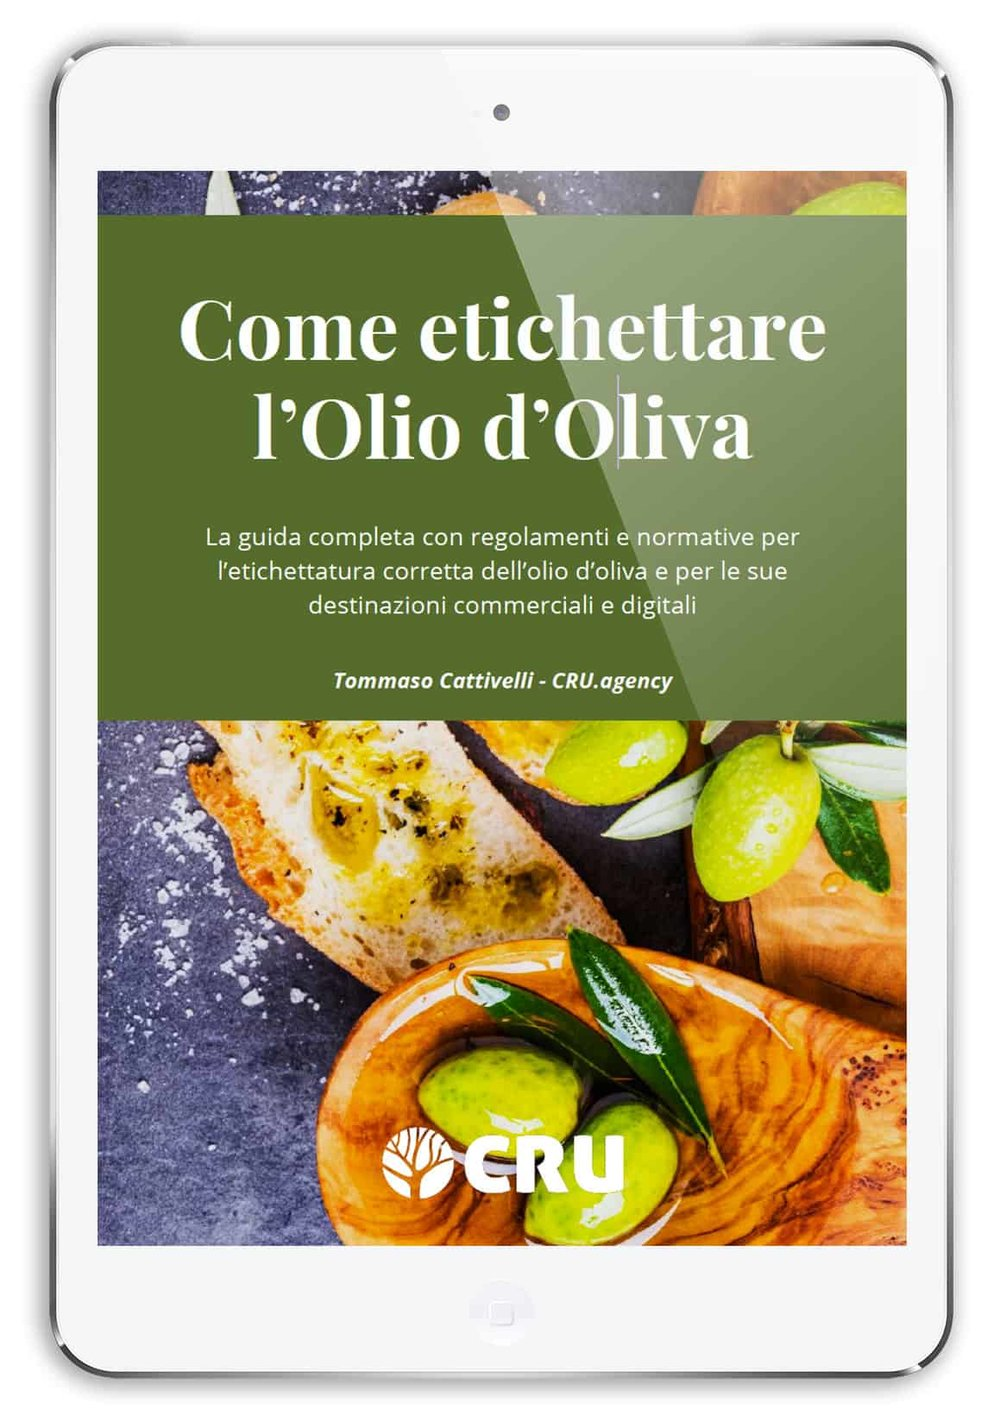 Guida completa per etichettare l'olio d'oliva